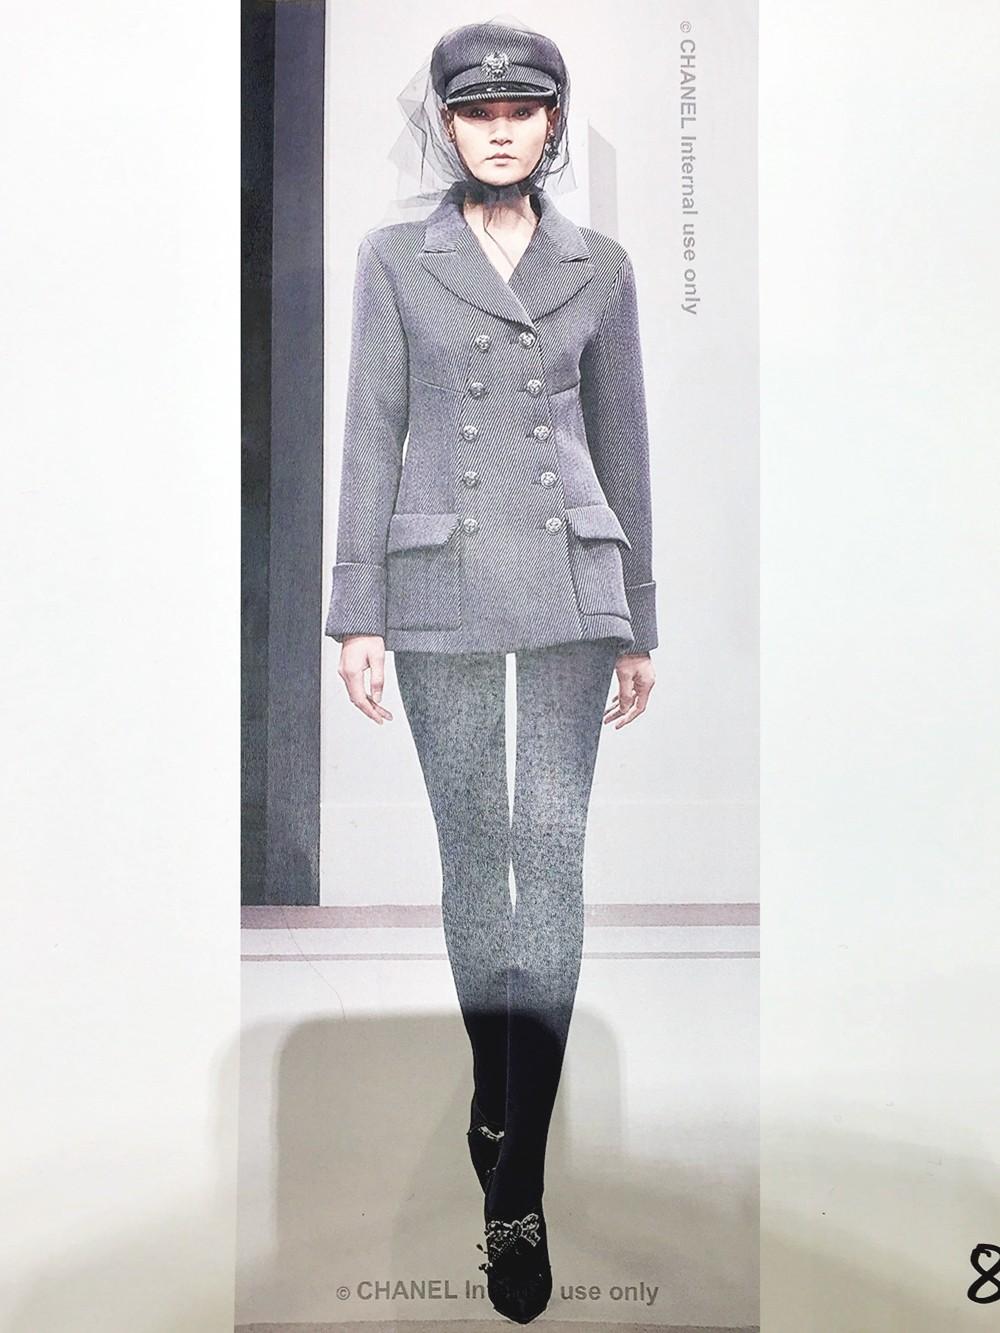 7 năm sau Chung kết Vietnams Next Top Model 2011: Quán quân thành Á hậu, đa số thí sinh đã lập gia đình - Ảnh 16.